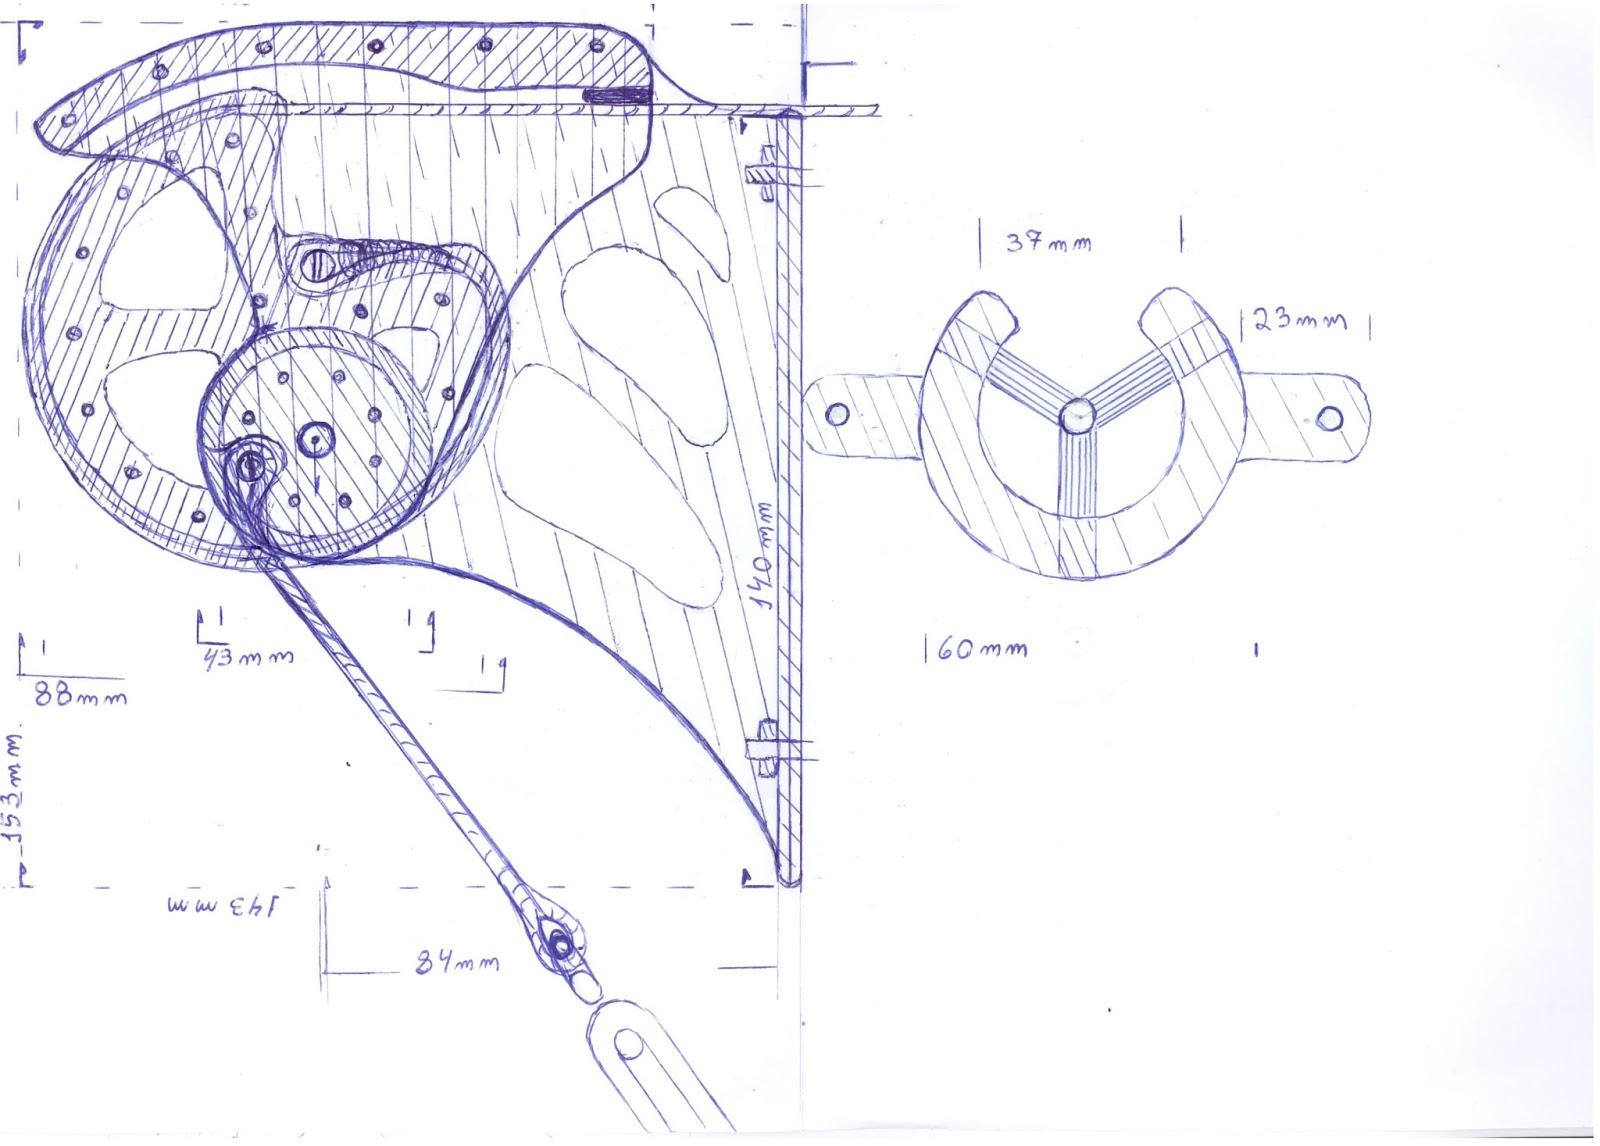 Crossbow roldanas improvisando o mundo for Tipos de mobiliario urbano pdf